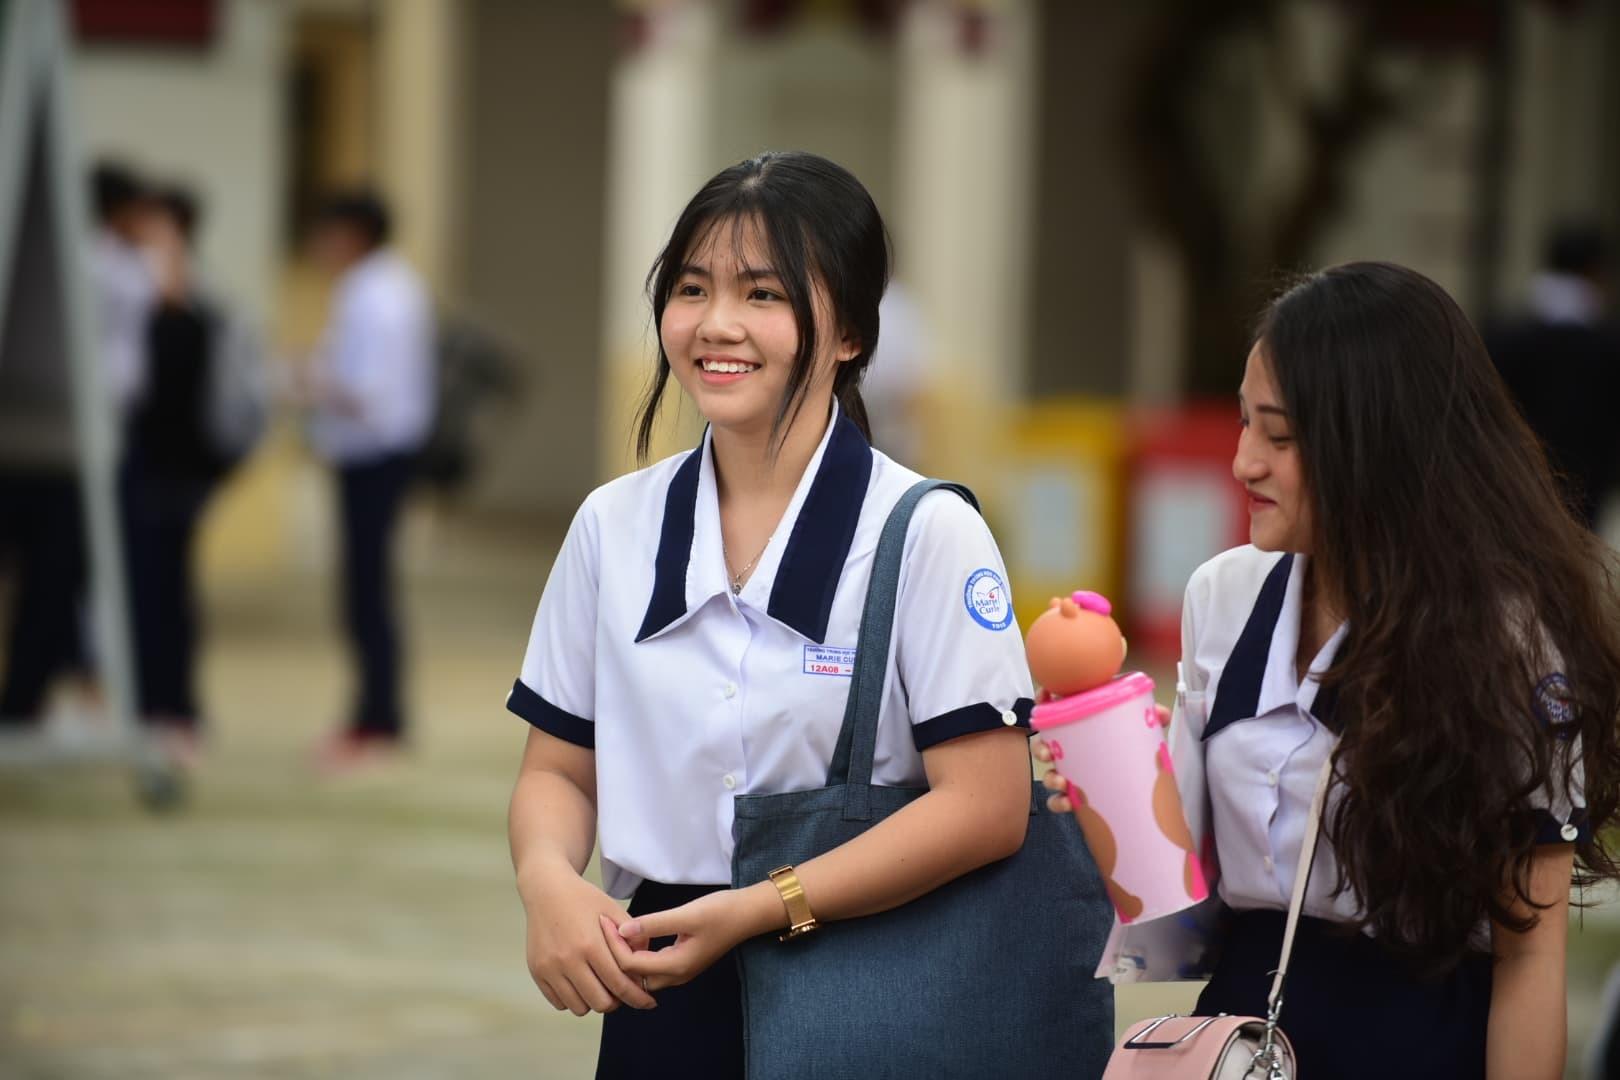 Sẽ có nhiều điểm 10 môn toán thi THPT quốc gia 2019-2